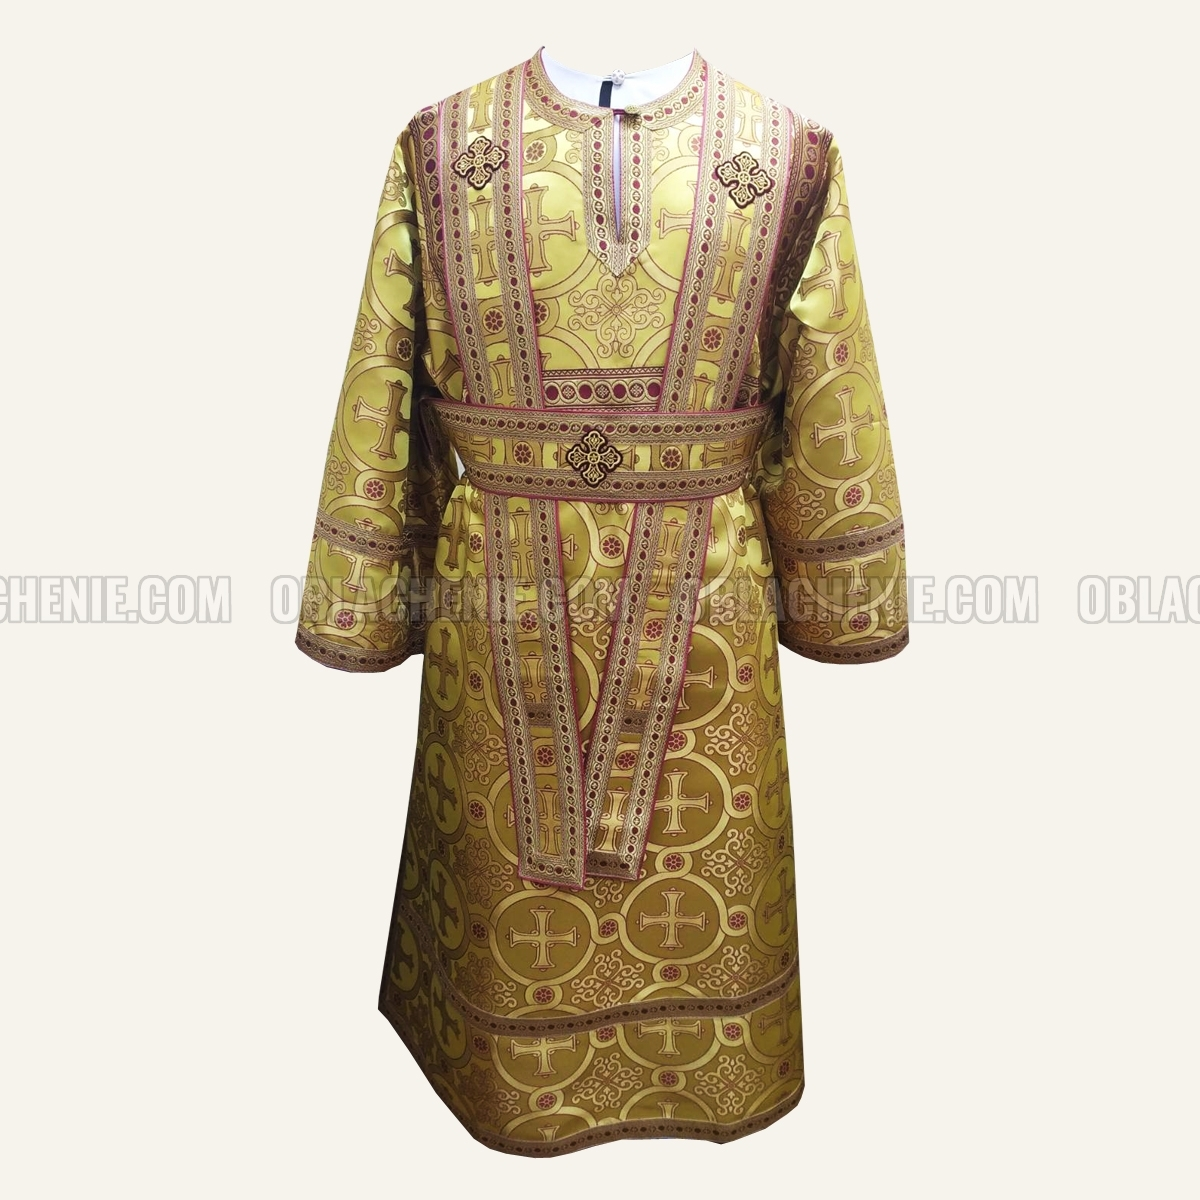 Subdeacon's vestments 11104